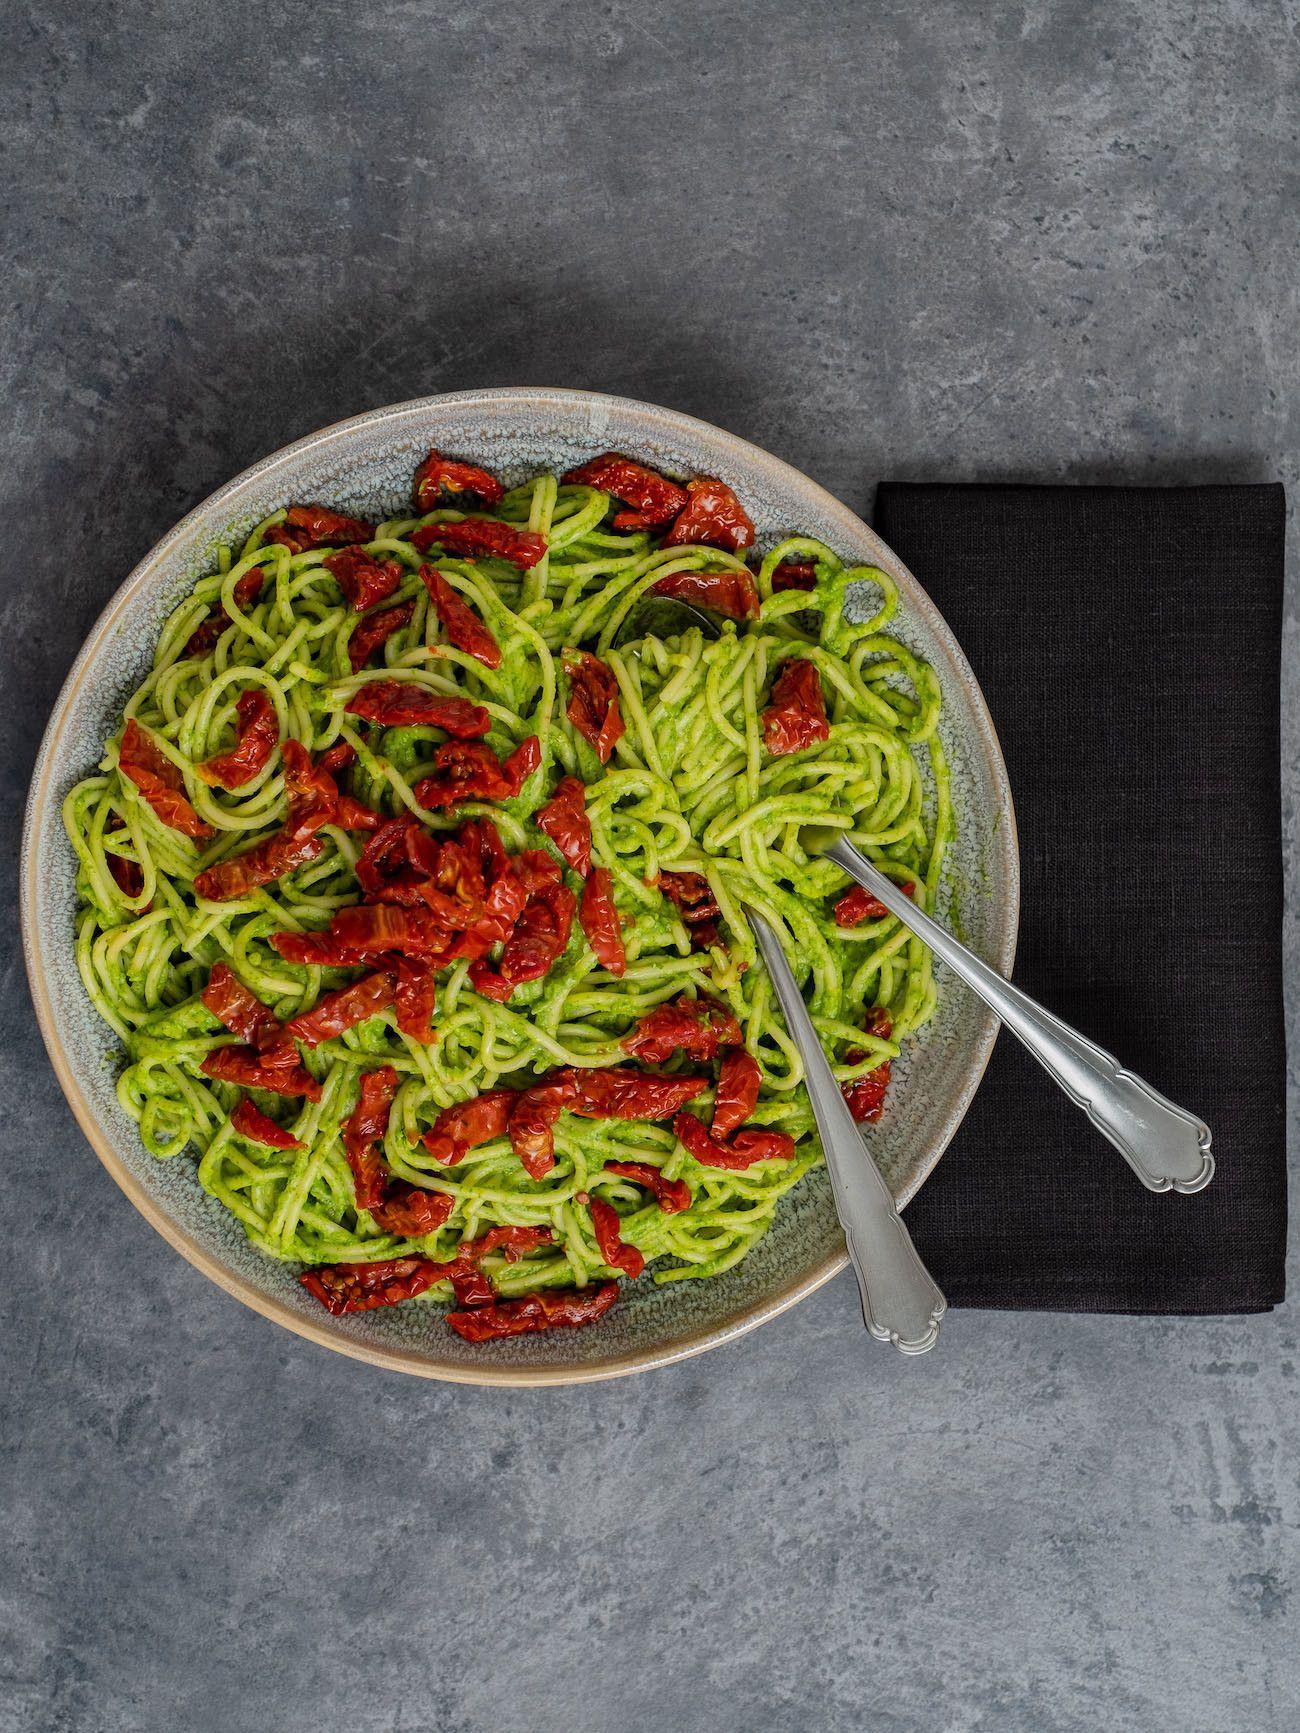 Foodblog, Rezept Spaghetti mit Avocado-Rucola-Pesto und getrockenten Tomaten, Pasta, Teller, Serviette